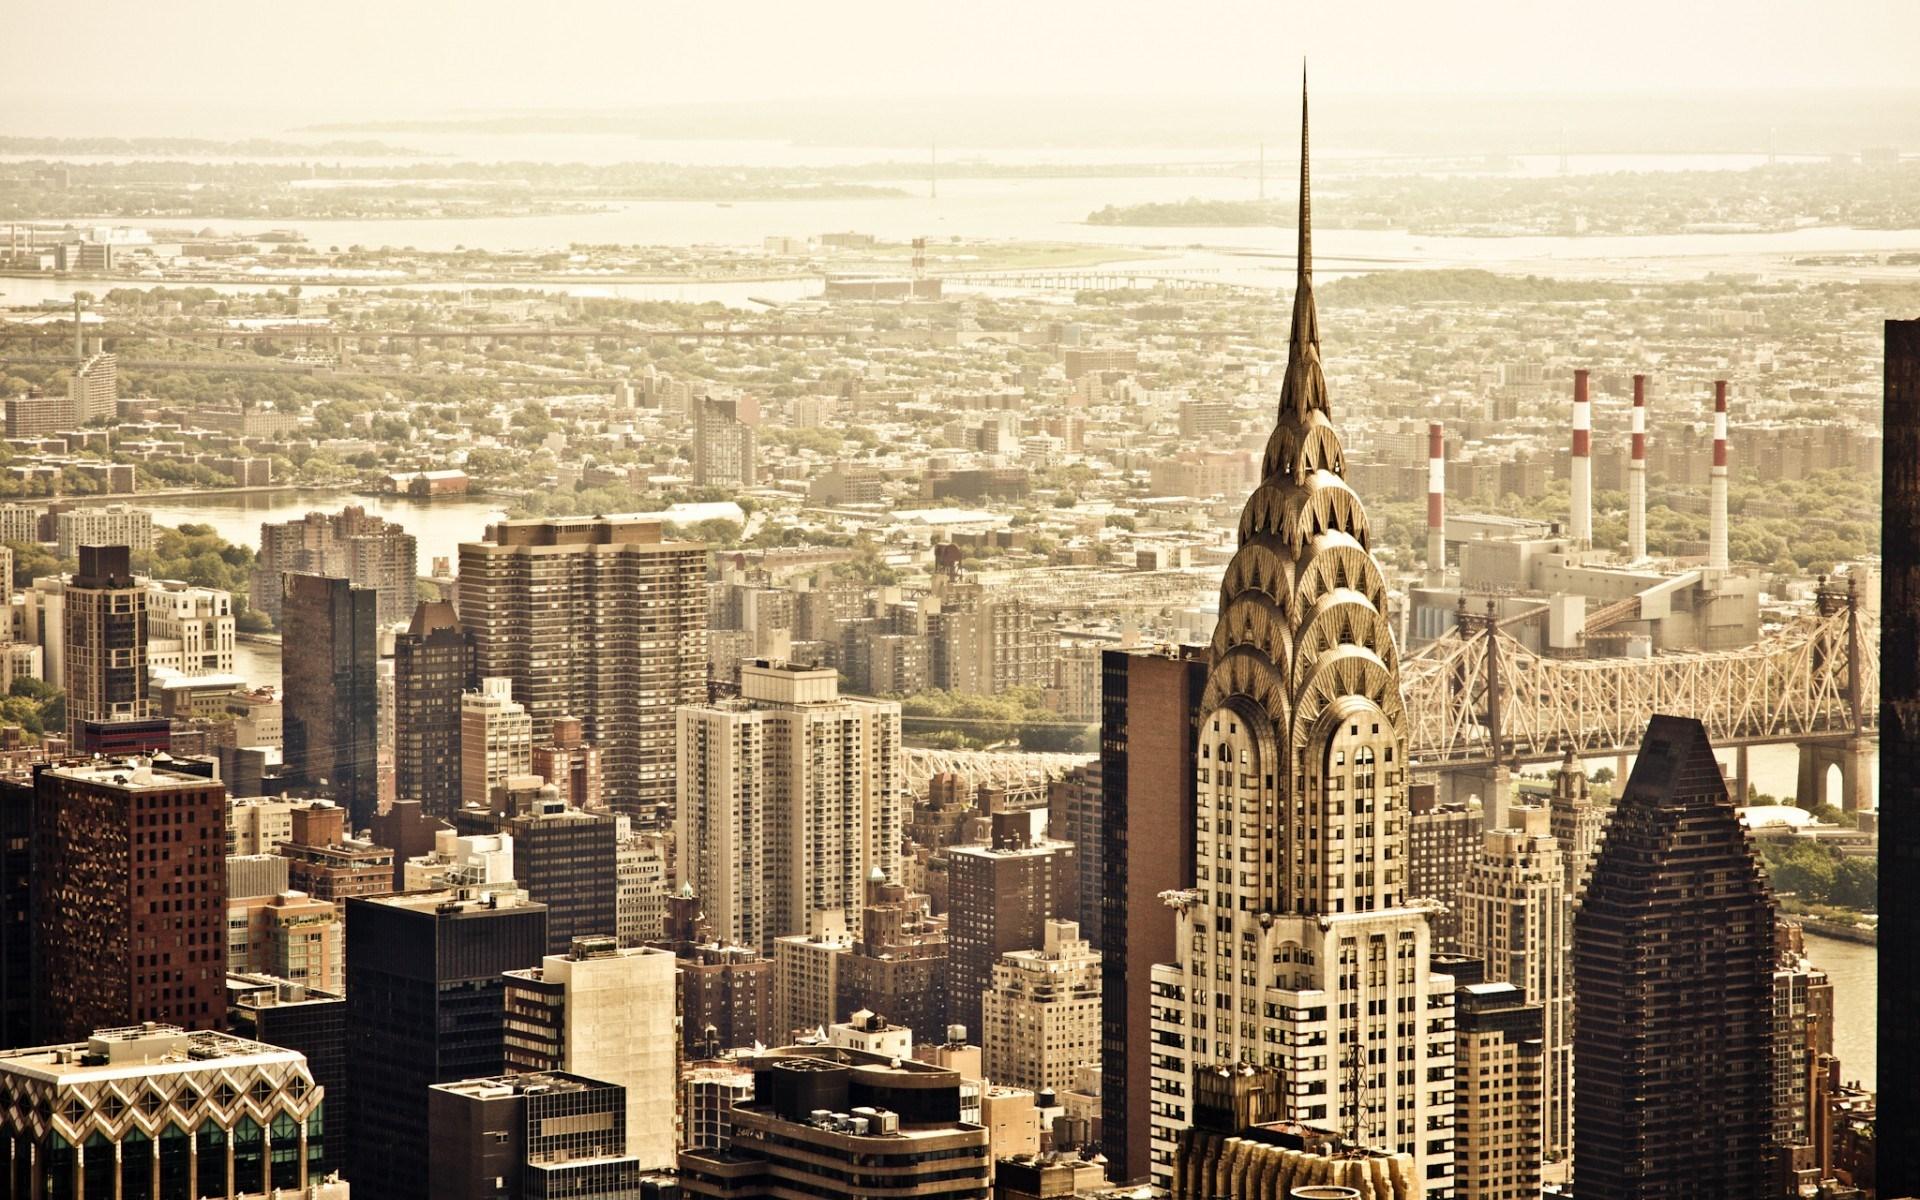 New York City Photography Hd Wallpaper Wallpaper List 1920x1200